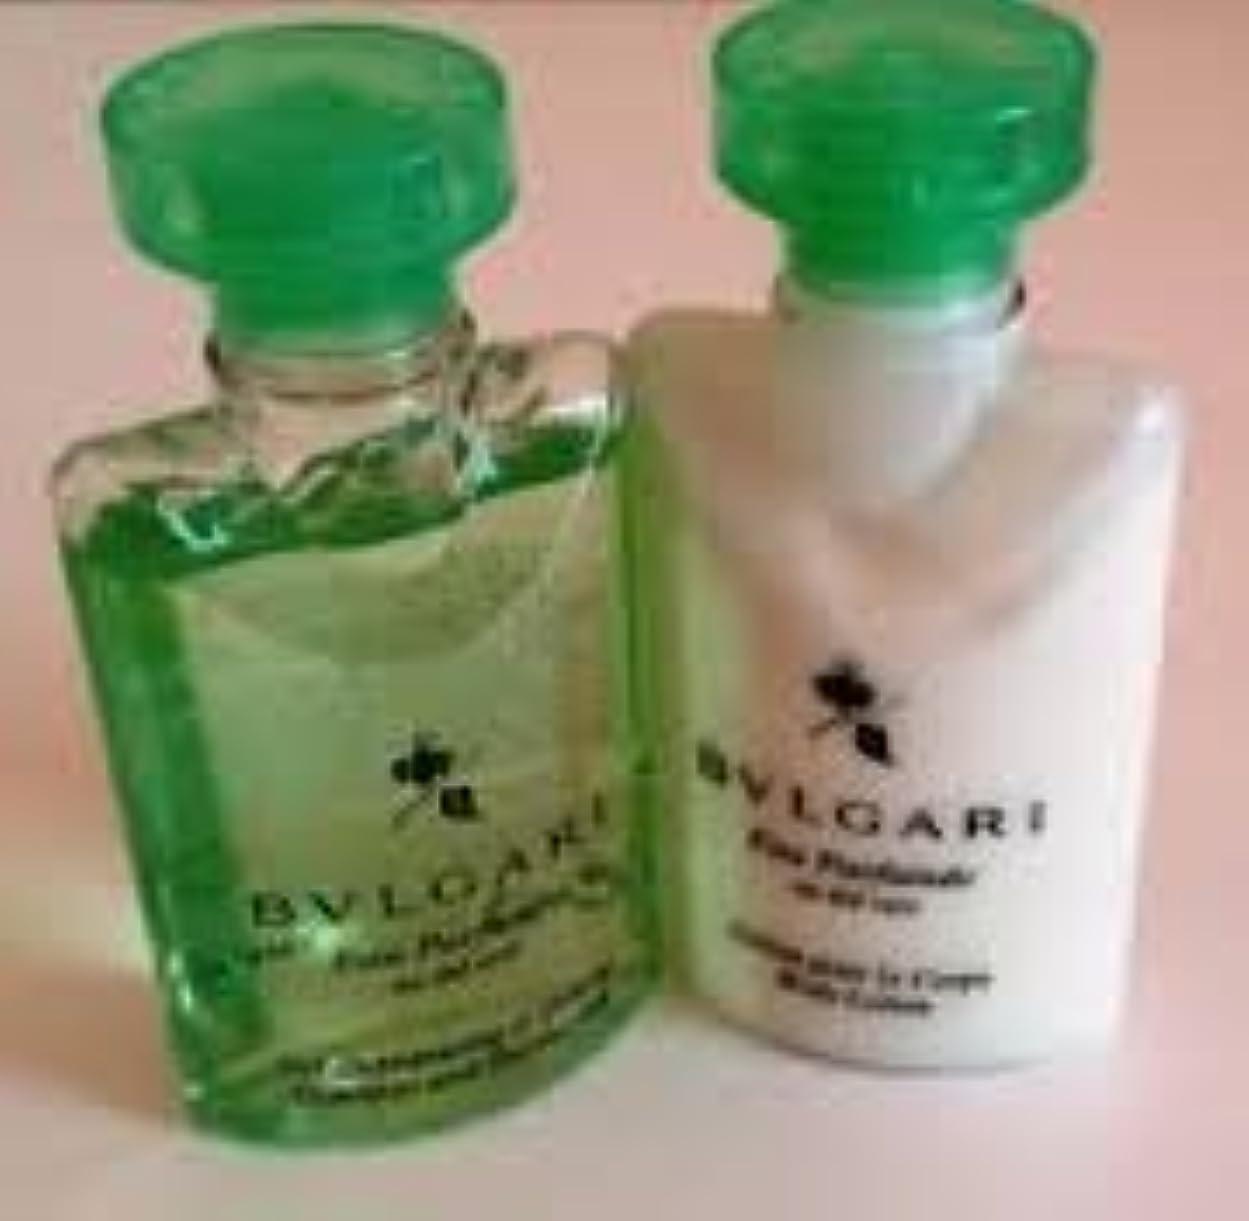 びっくりパブかごBvlgari Eau Parfumee au the vert (ブルガリ オー パフュ-メ オウ ザ バート / グリーン ティー) 2.5 oz (75ml) シャンプー & ヘアーコンディショナー